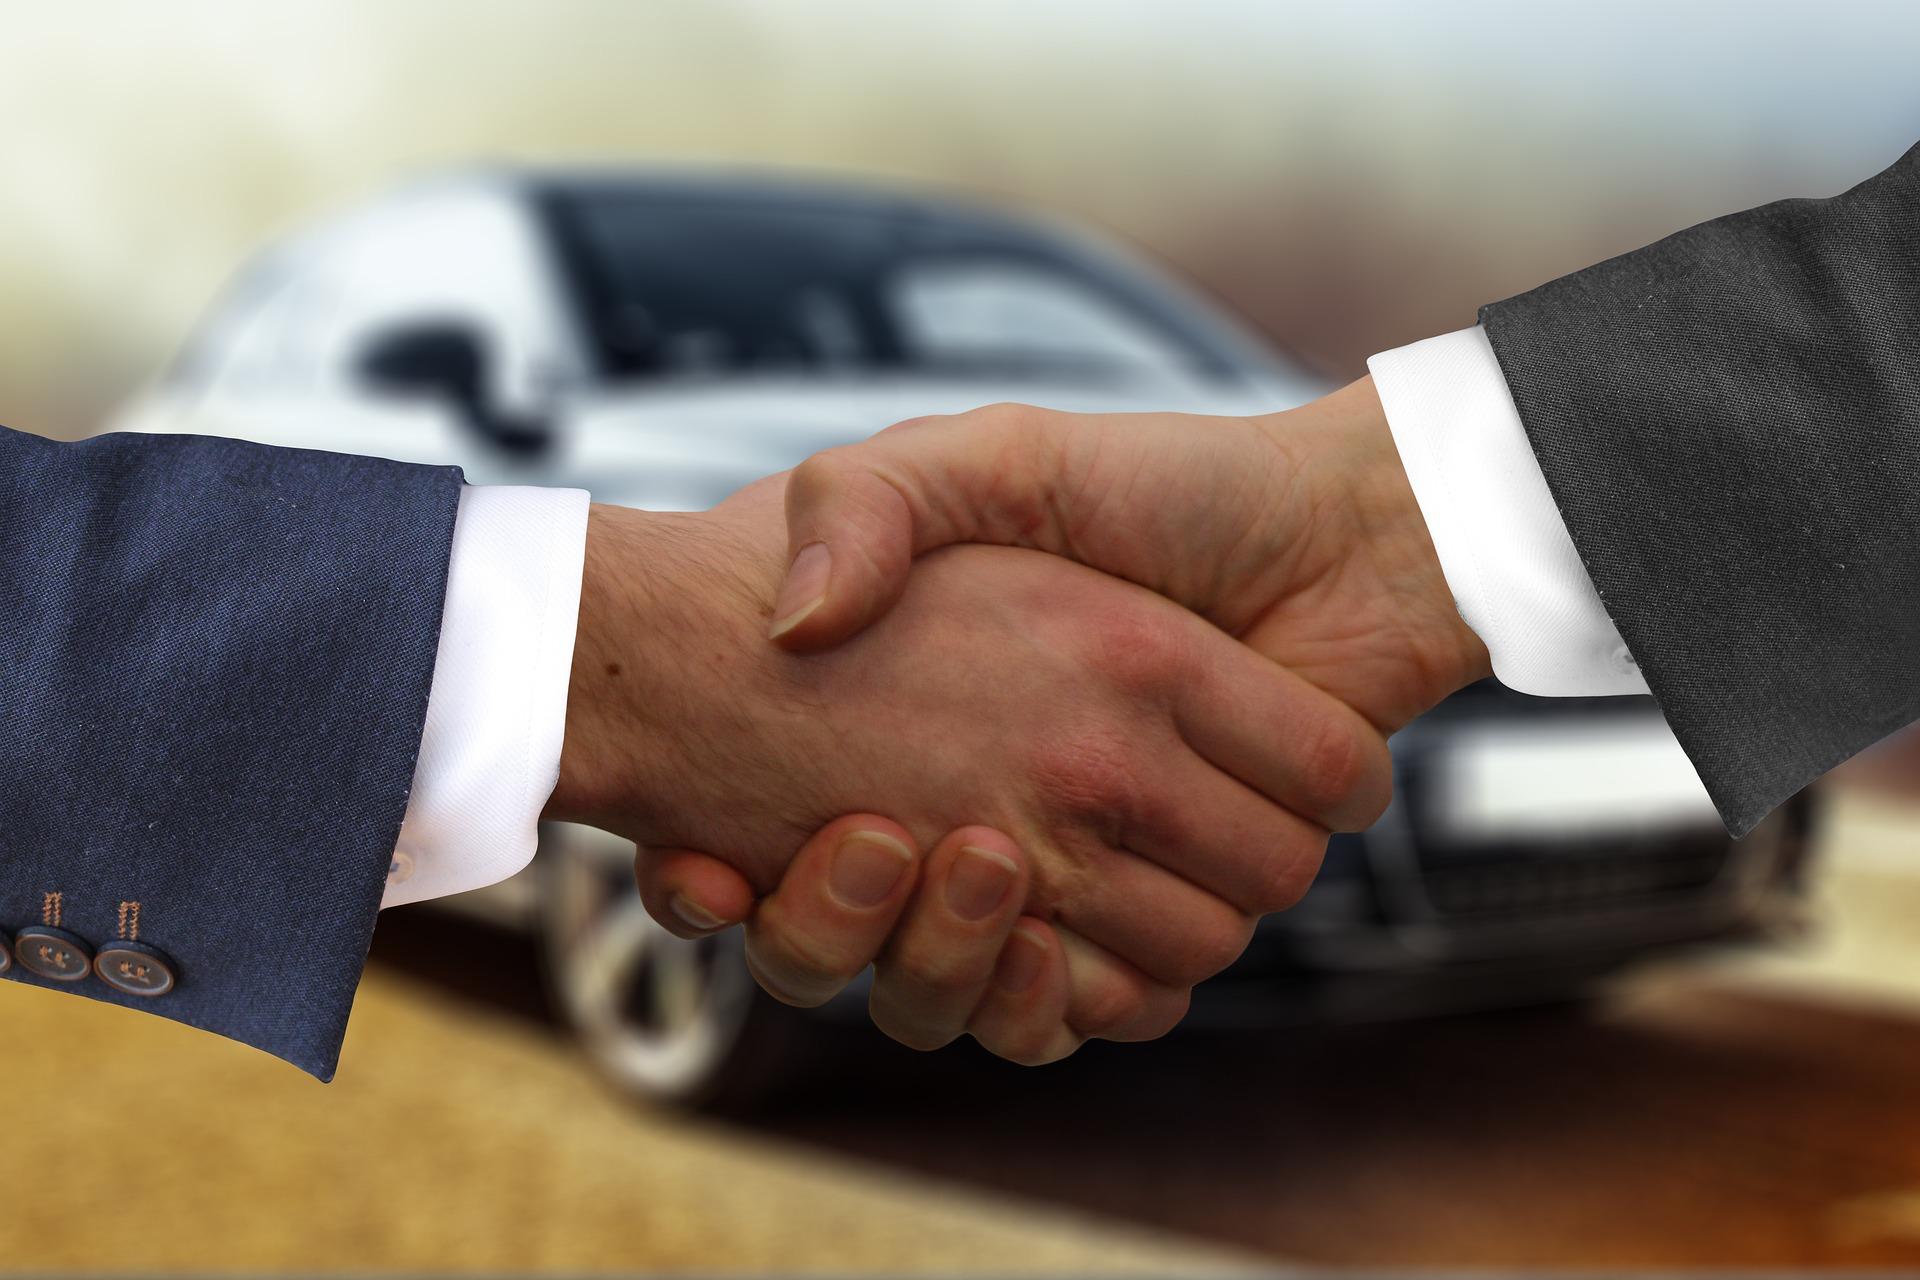 Crescono, in aprile, i prezzi delle auto nuove: +2,9%.